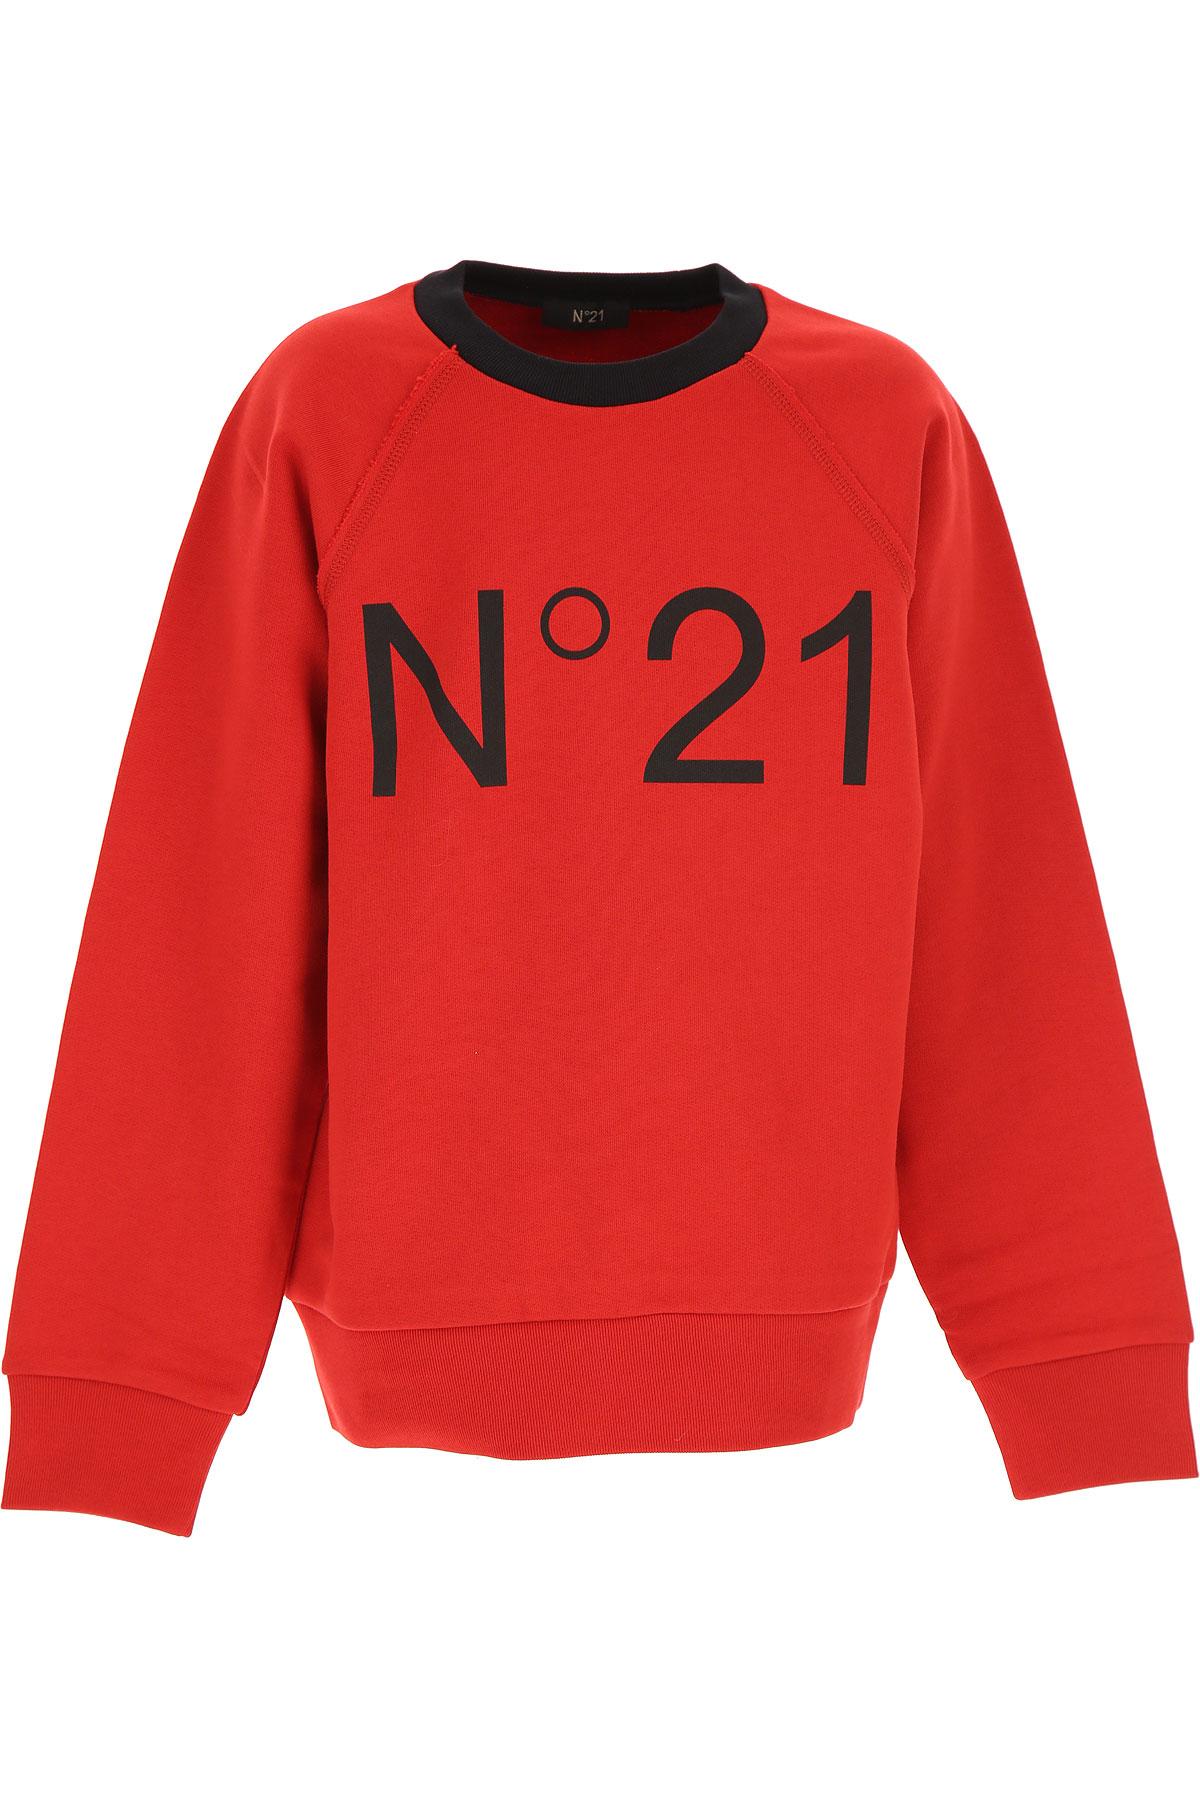 NO 21 Kids Sweatshirts & Hoodies for Boys On Sale, Red, Cotton, 2019, 10Y 12Y 14Y 8Y